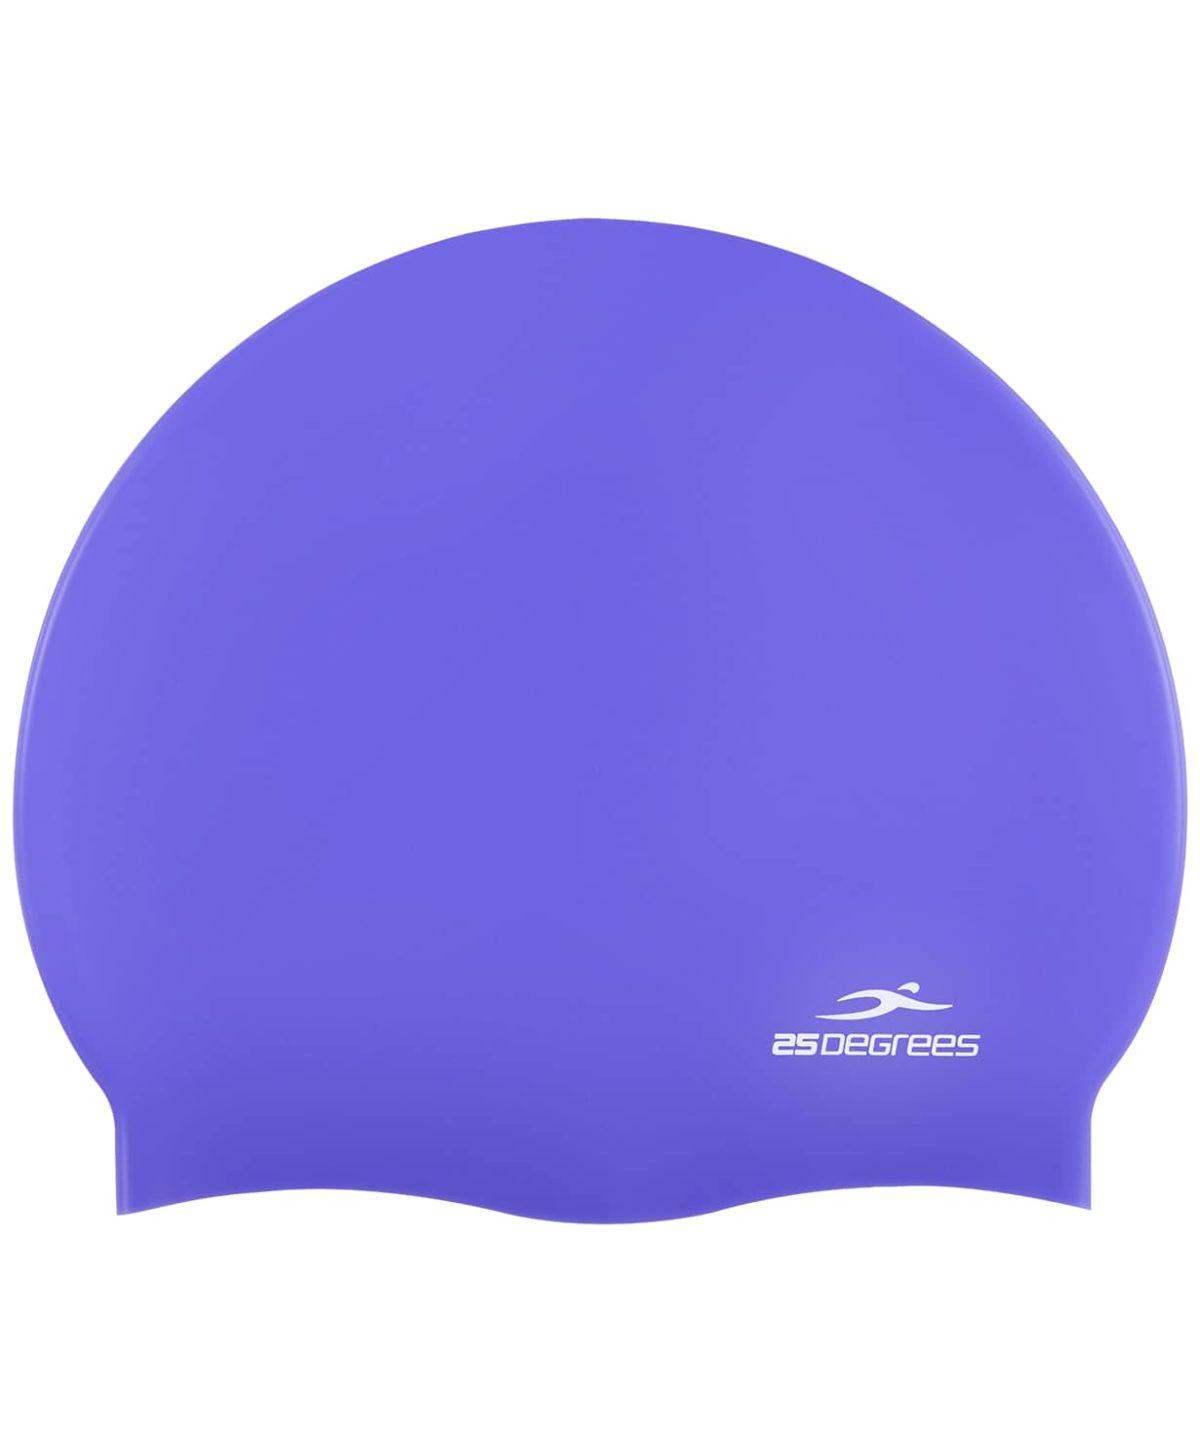 25DEGREES Шапочка для плавания Nuance, силикон 25D15-NU-20-30: фиолетовый - 1